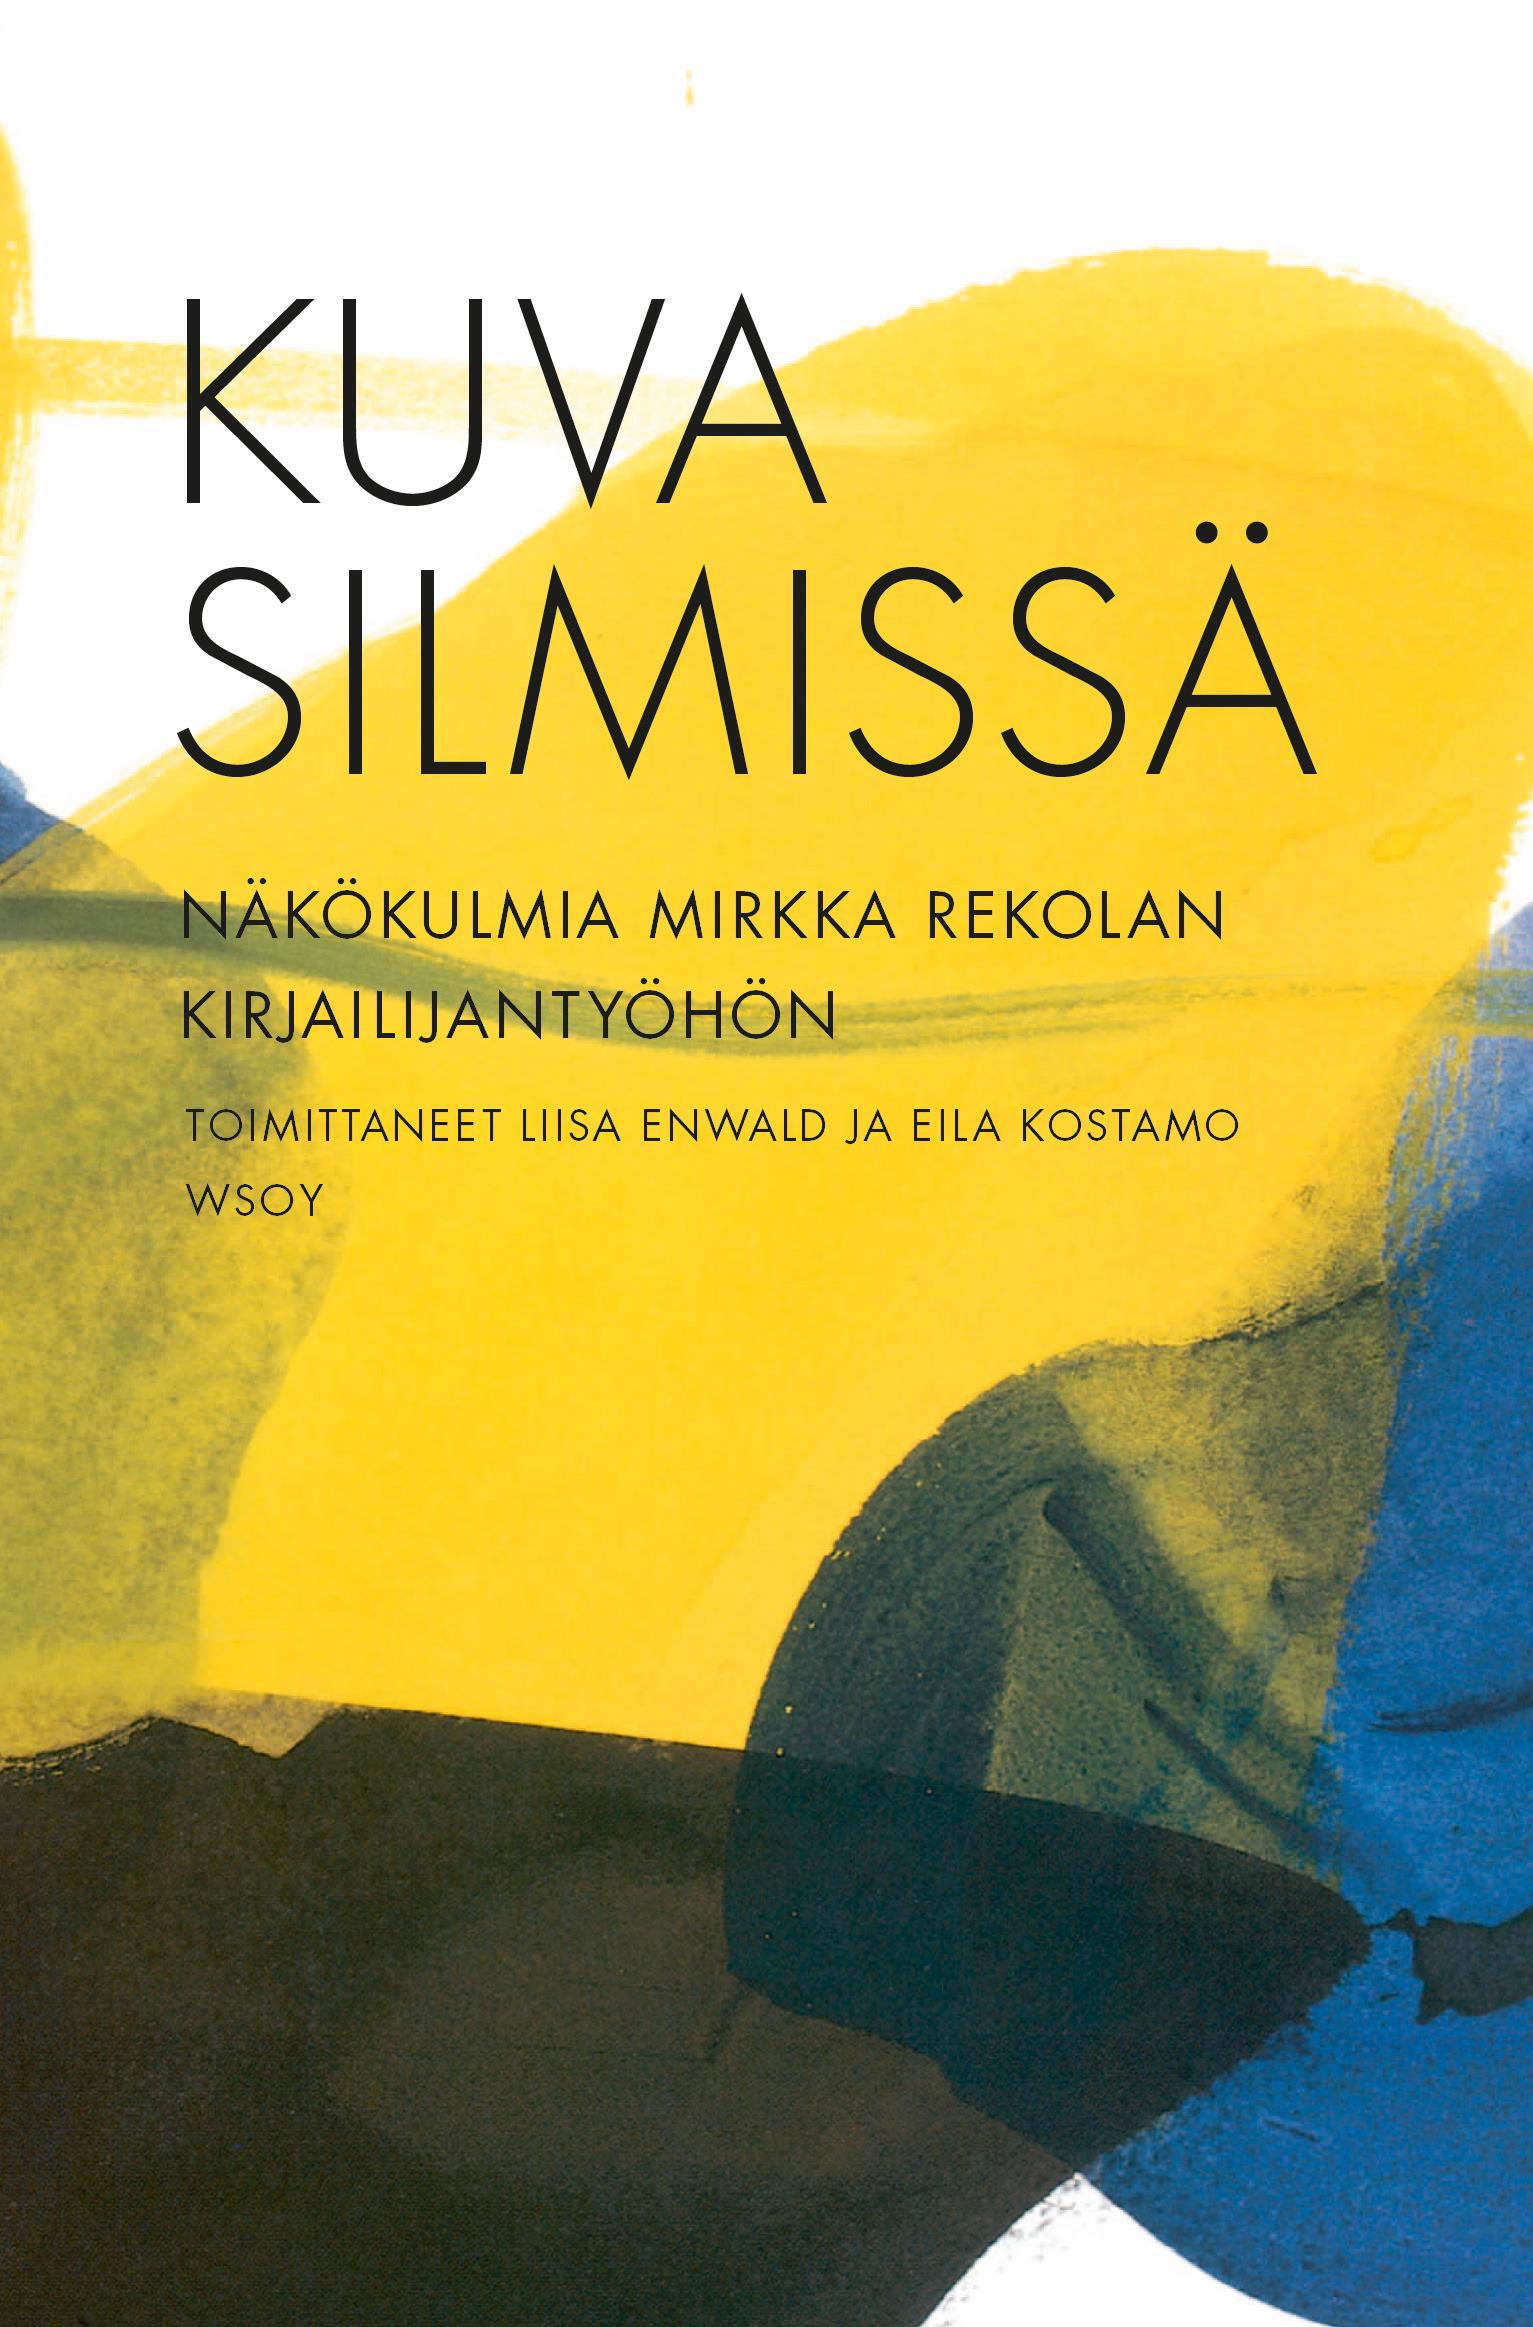 Aho, Kalevi - Kuva silmissä: Näkökulmia Mirkka Rekolan kirjailijantyöhön, ebook